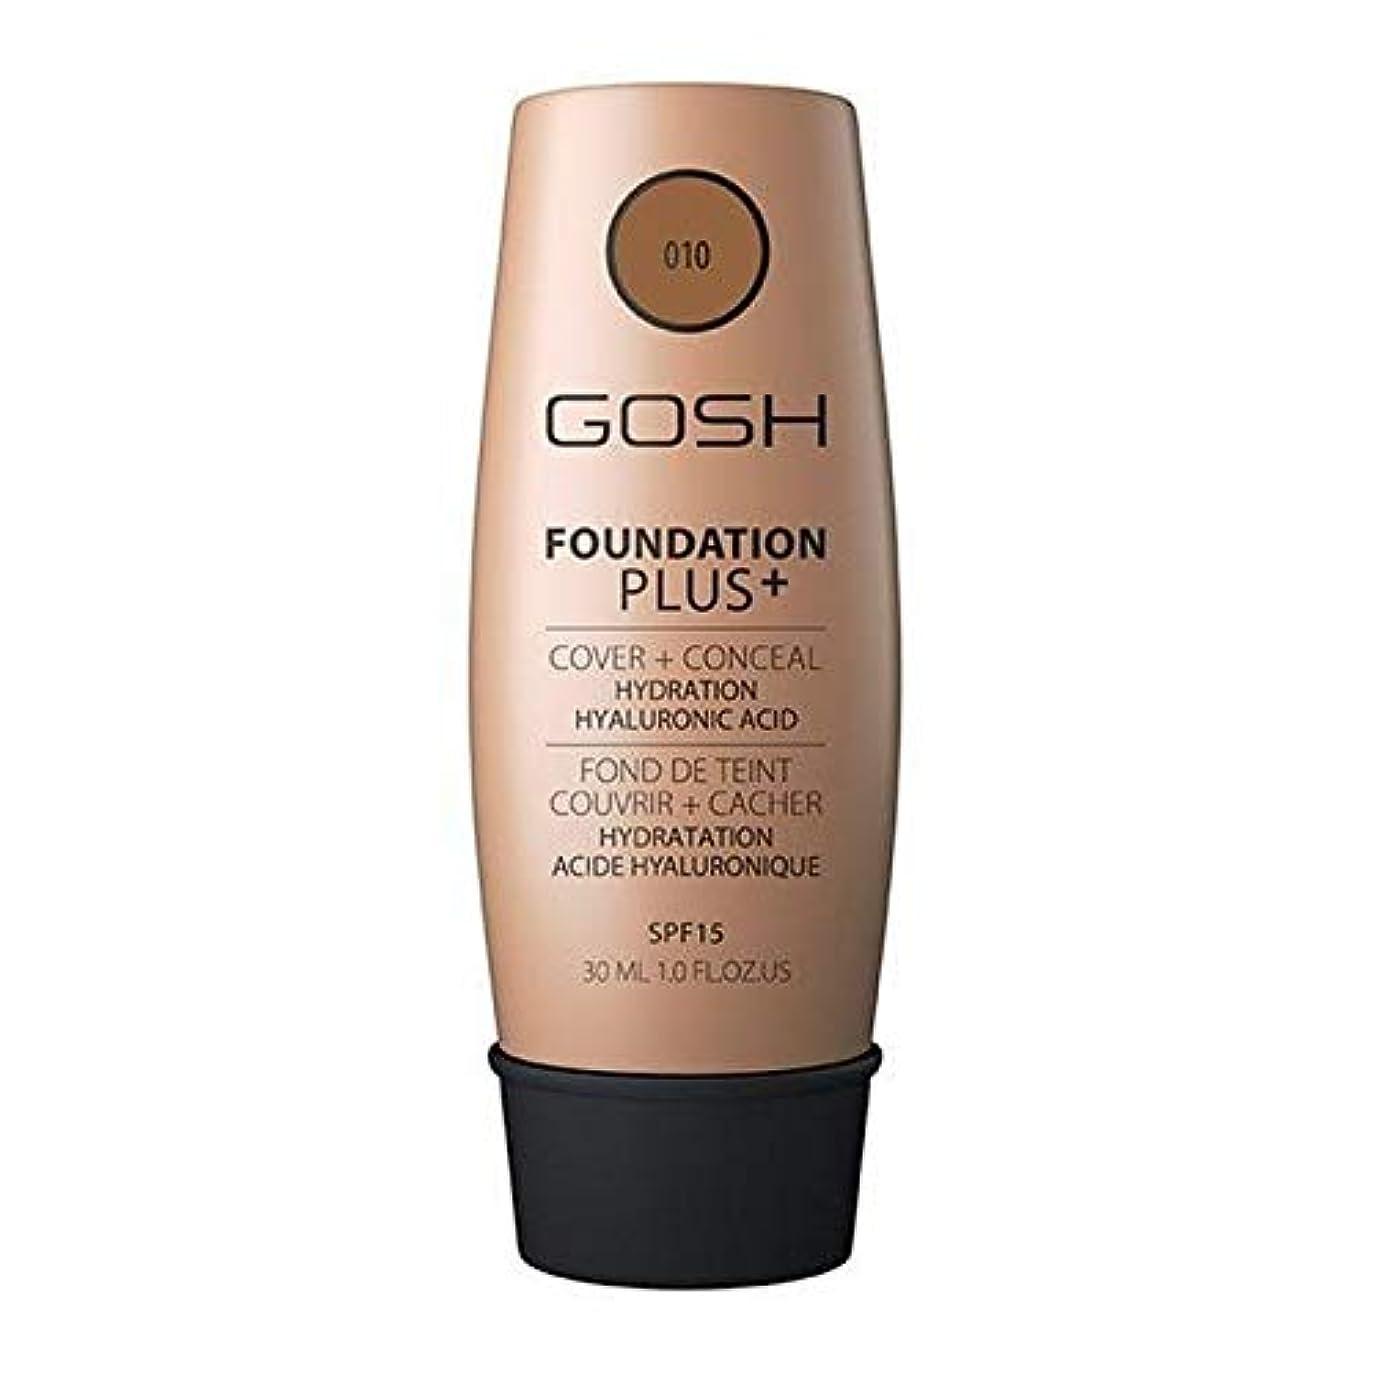 ルームリビングルームプランター[GOSH ] おやっ基盤プラス+日焼け010 - Gosh Foundation Plus+ Tan 010 [並行輸入品]